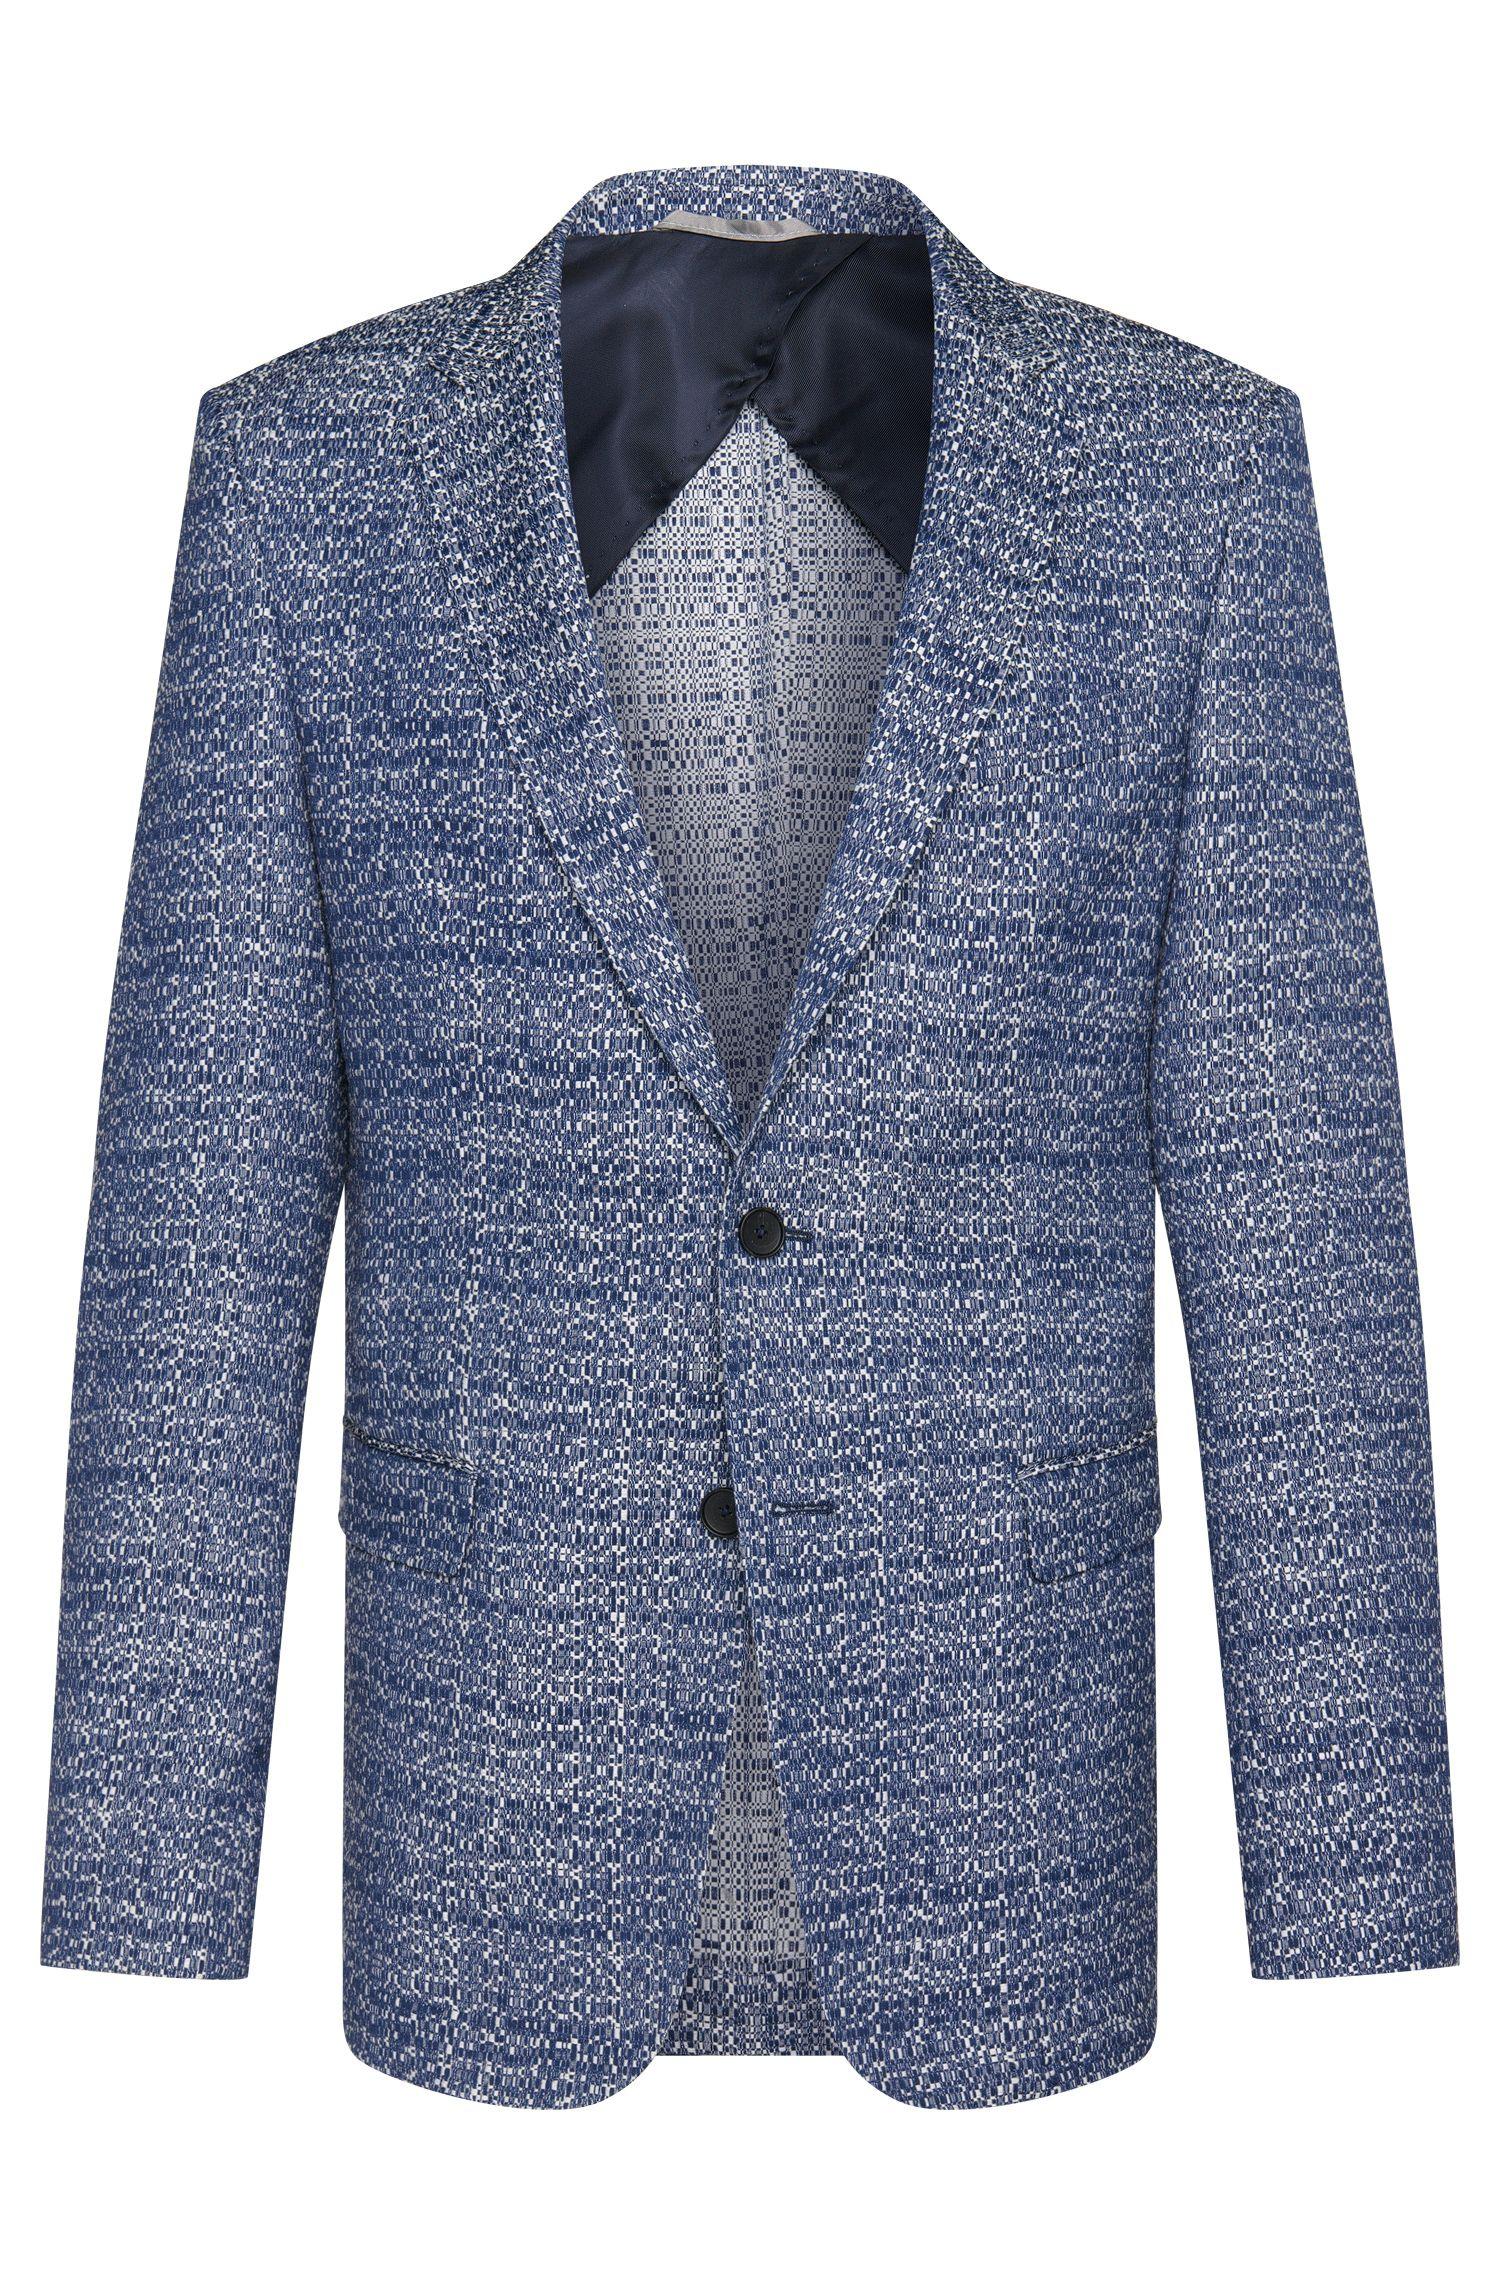 Cotton Blend Jacquard Sport Coat, Slim Fit   Nobis